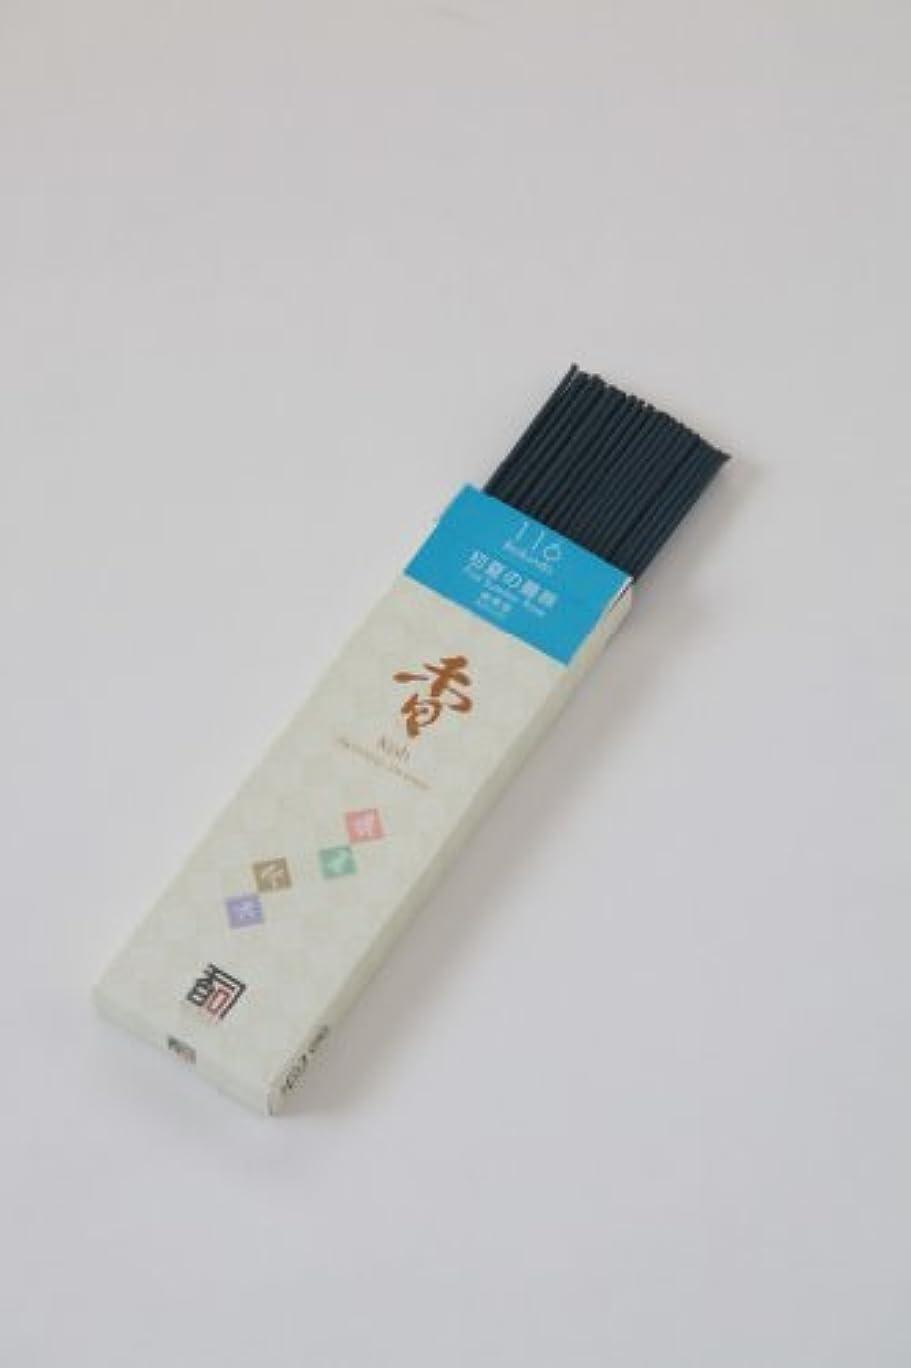 荒らす電話口径「あわじ島の香司」 日本の香りシリーズ (春夏秋冬) 【116】  ◆初夏の薔薇◆